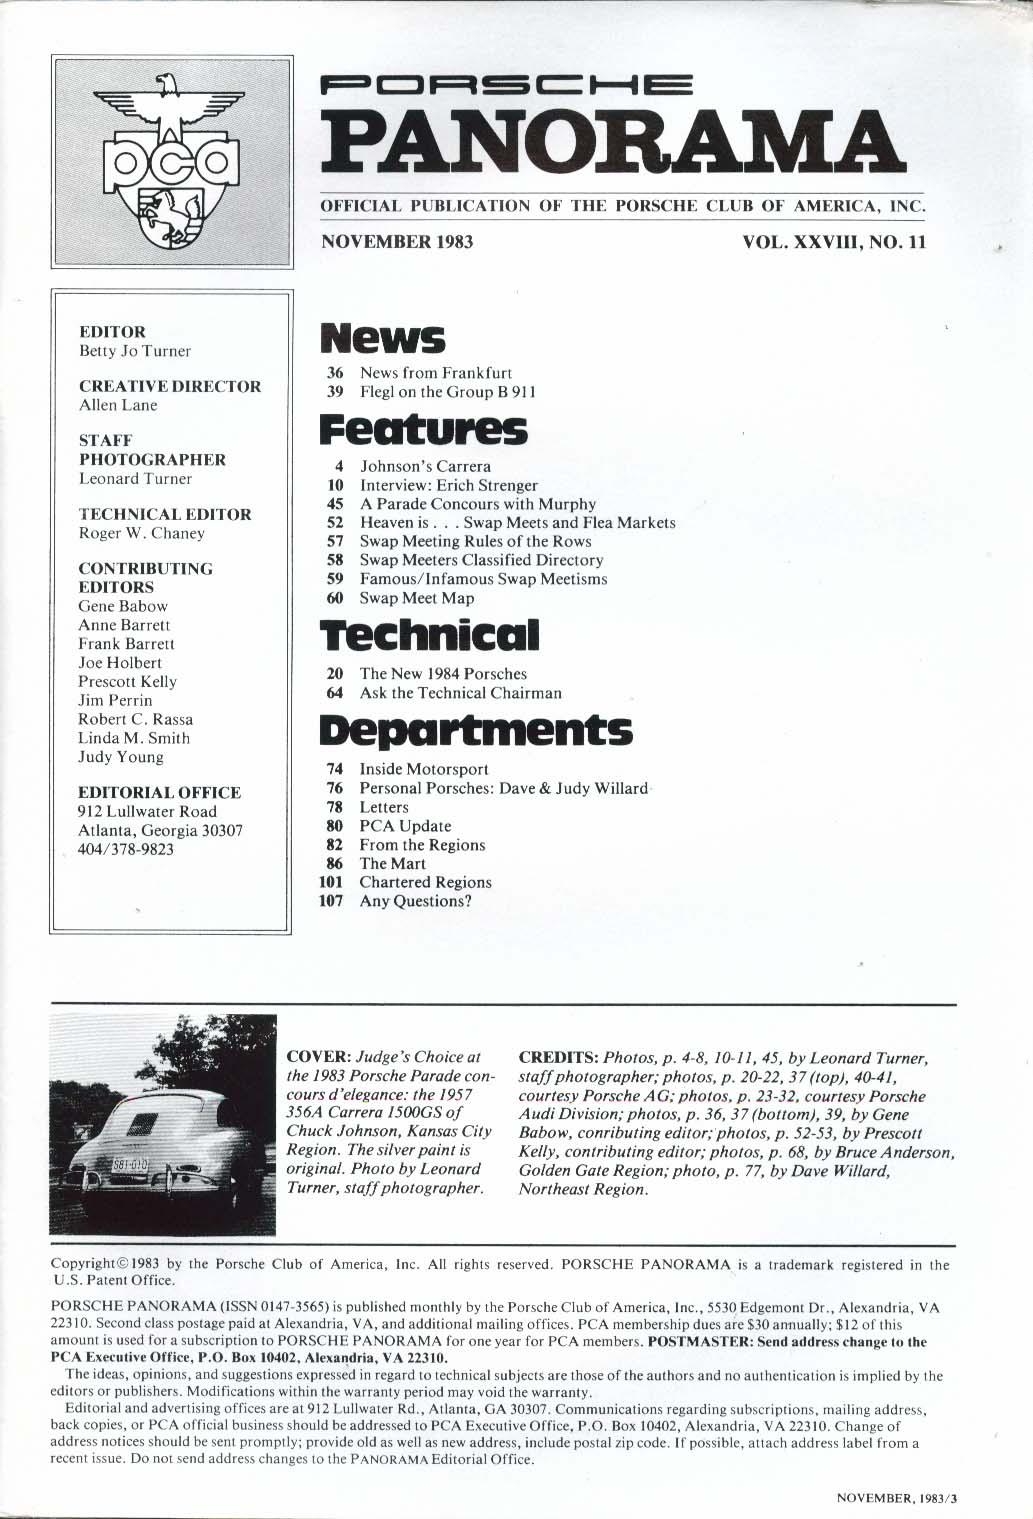 PORSCHE PANORAMA Flegl Group B 911 Johnson Carrera Erich Strenger 11 1983